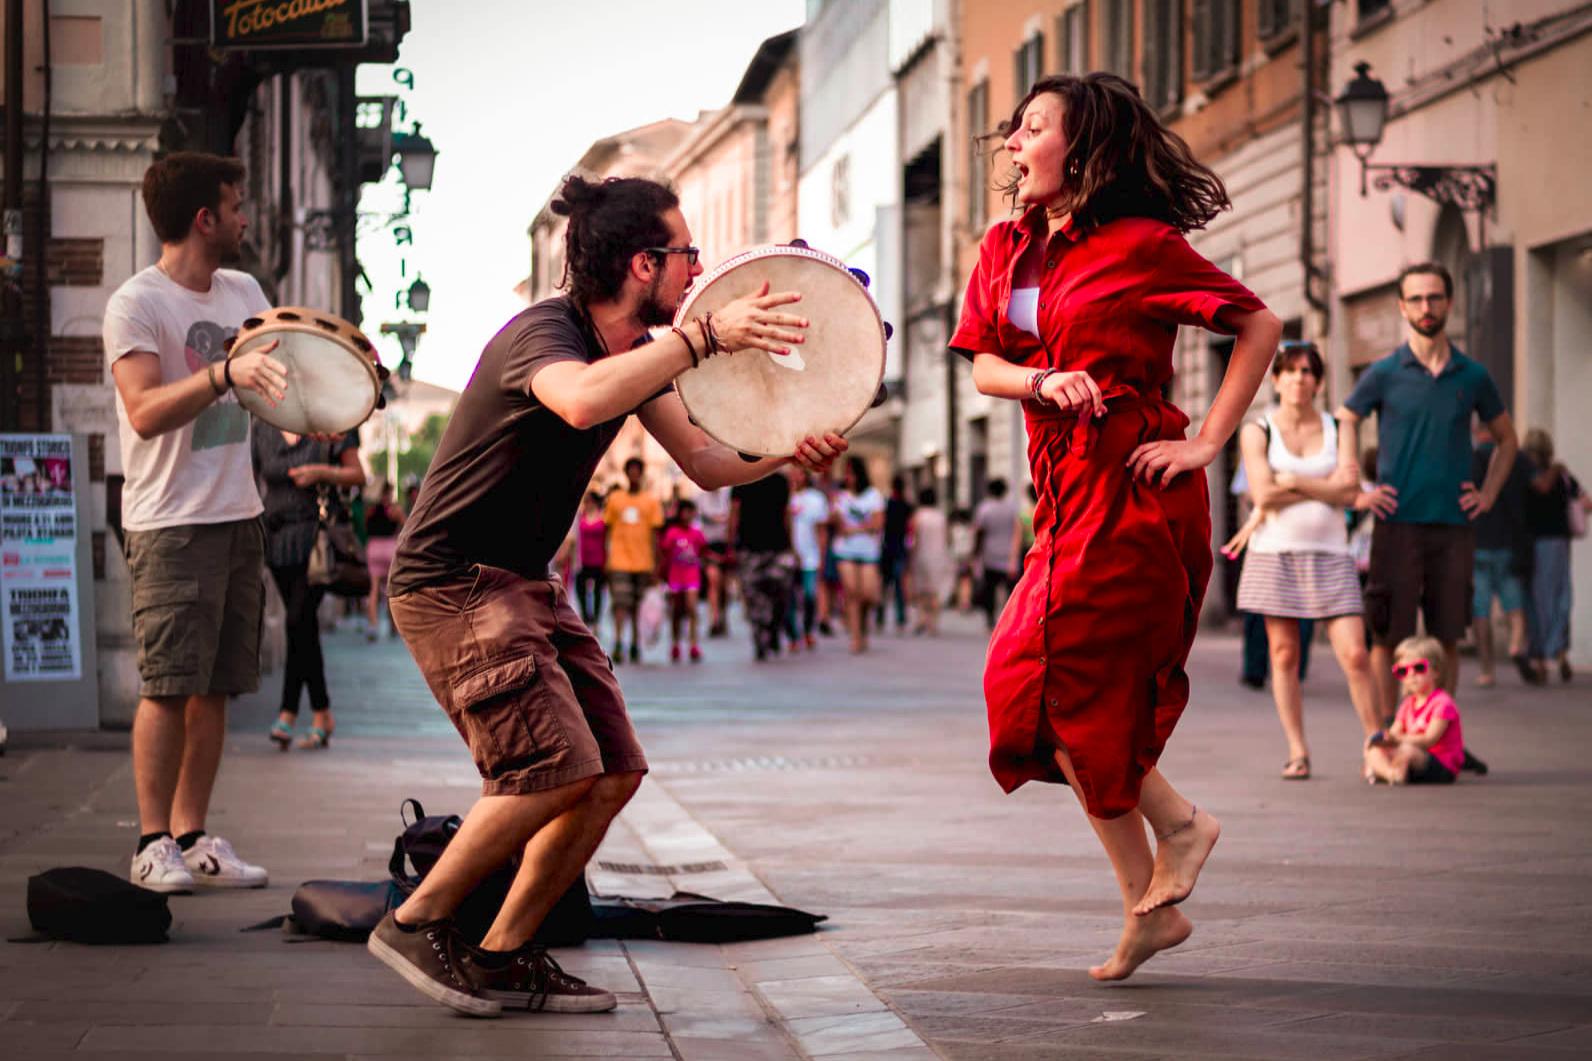 Plateìa - Suoni Dal Sud - ITA // Folk - Musica Popolare del SudBliss Beat Festival - 18 luglio 2019 - h 19.45 e 19 luglio 2019 - h 17.00